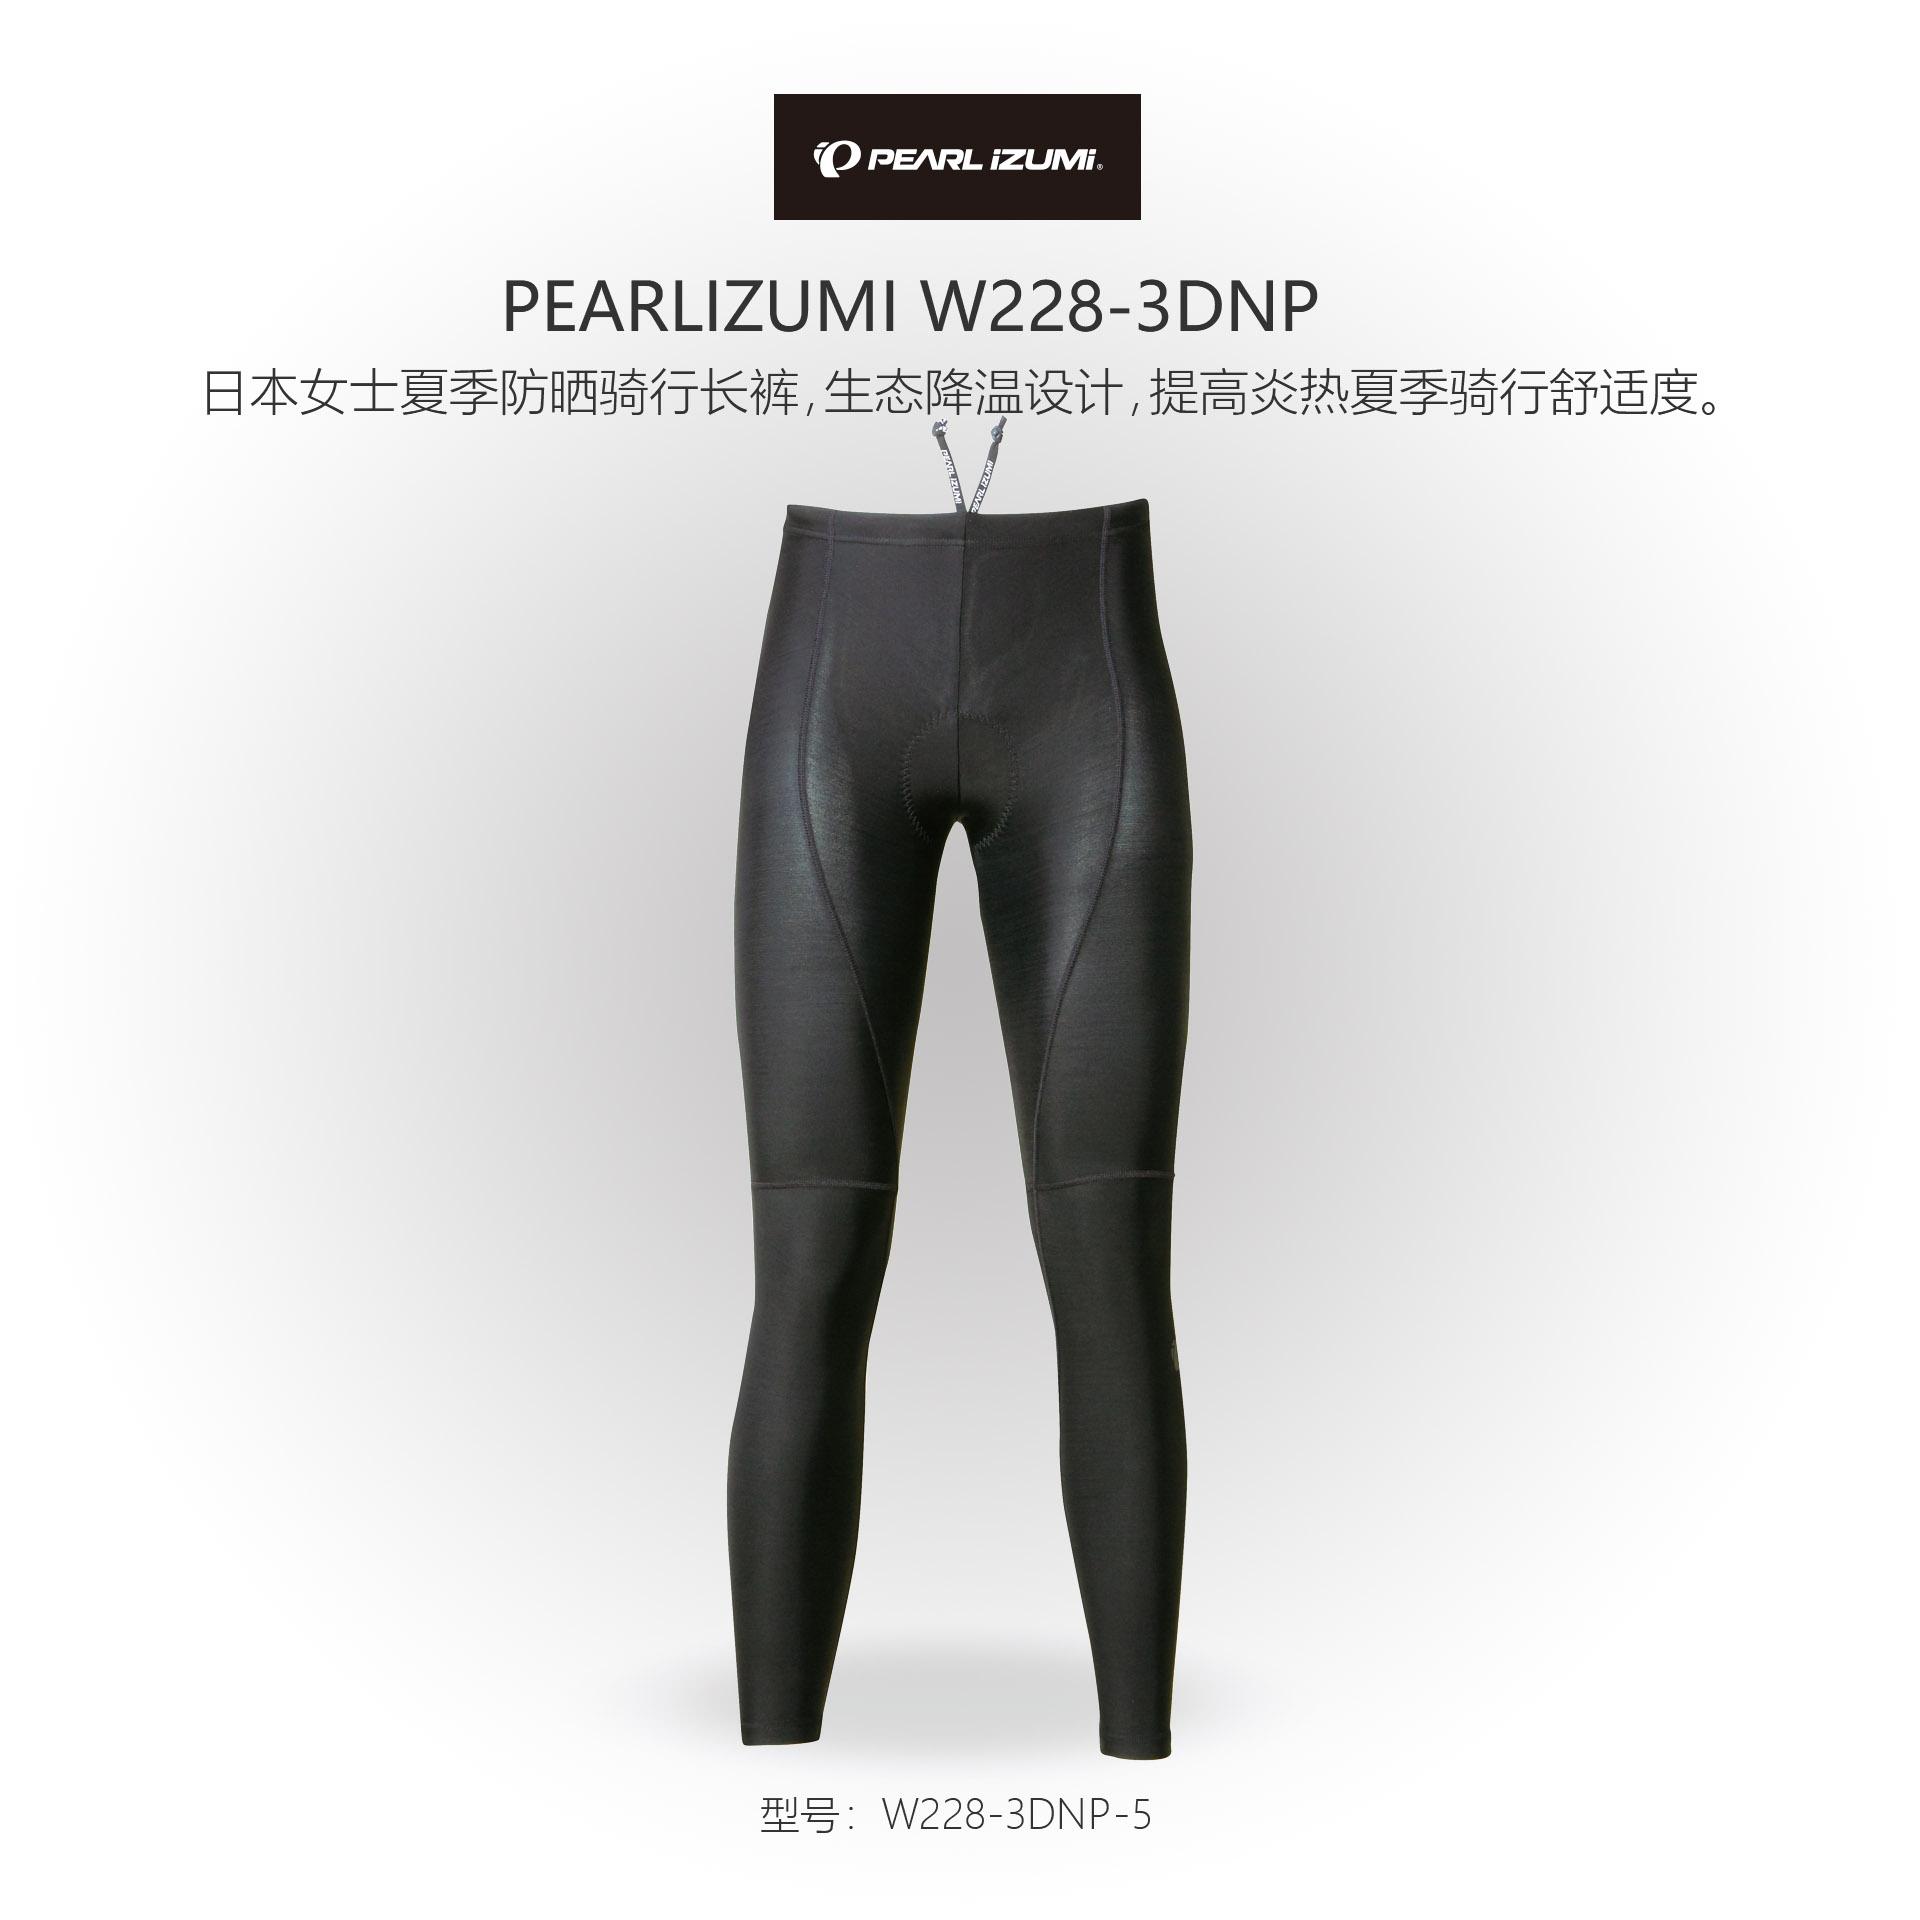 日本PEARLIZUMI一字米W228-3DNPv长裤级防晒长裤骑行女士